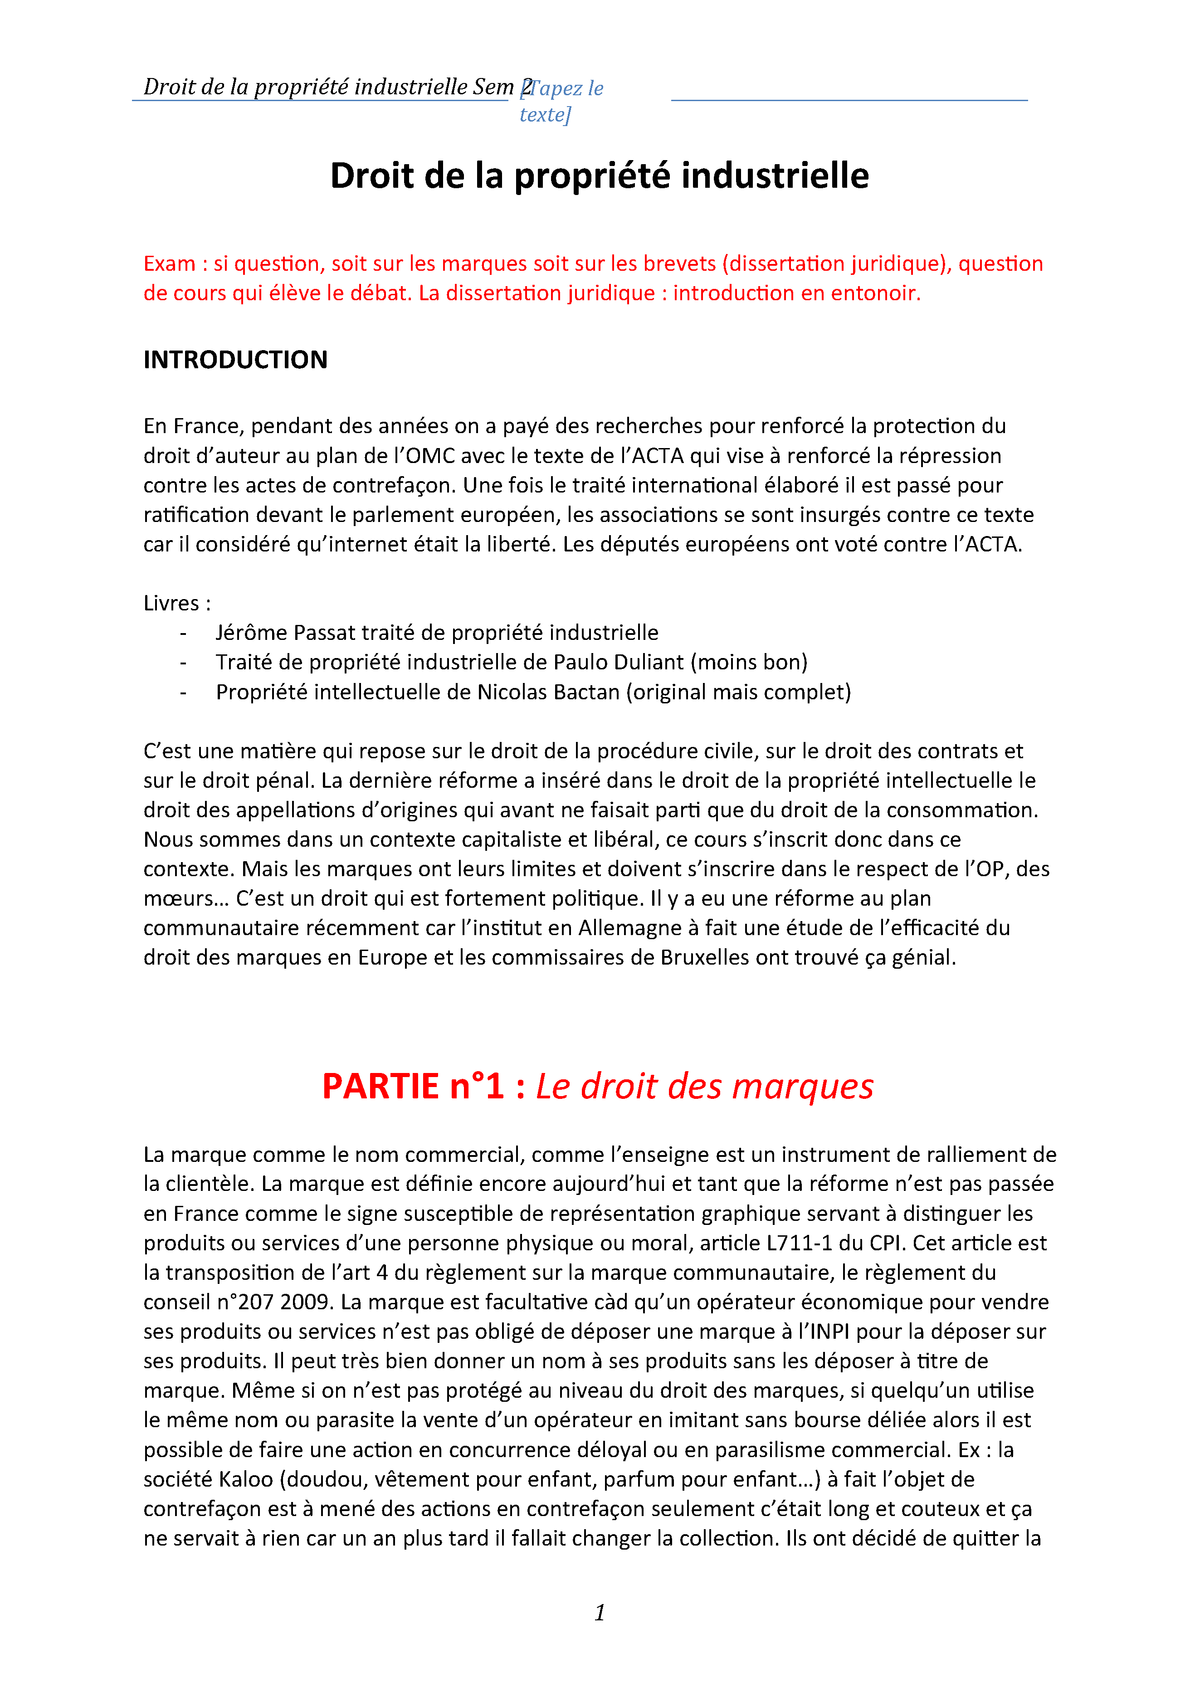 Droit Propriété Industrielle La Enbas5u22 De QroWdCxBe